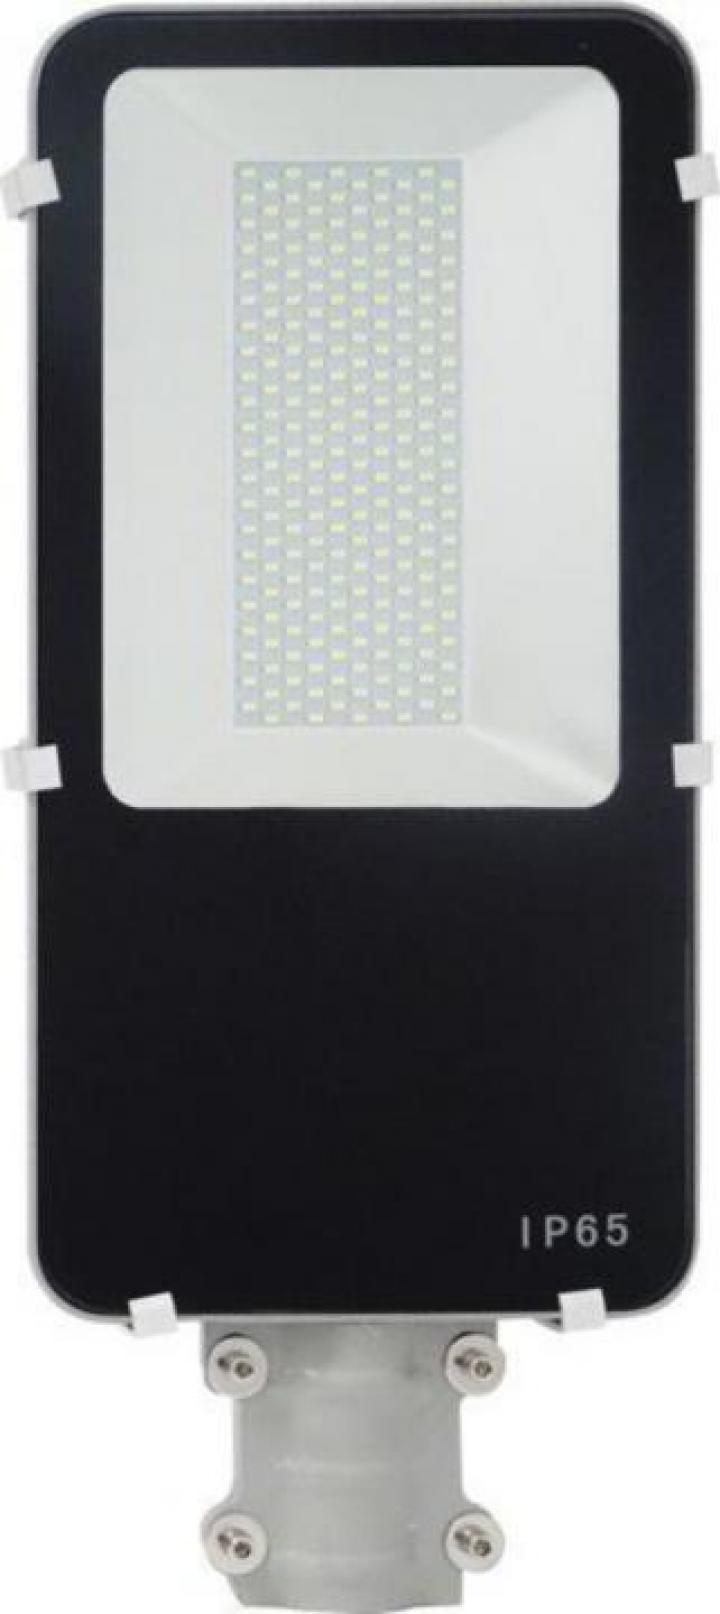 Lampa stradala multiled 30W IP65